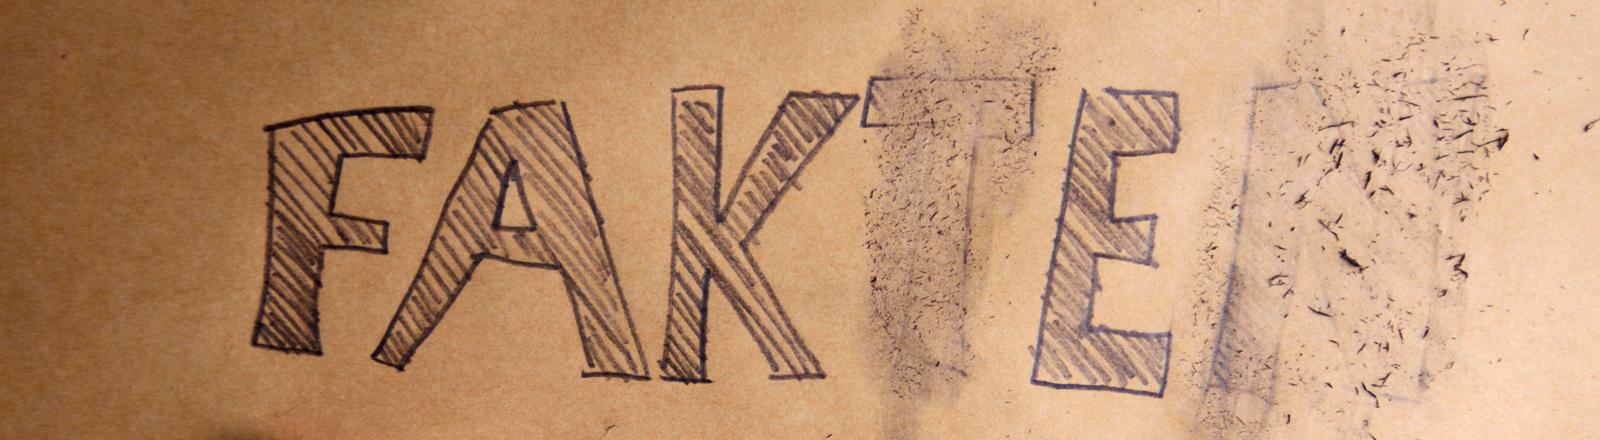 """Schriftzug """"Fakten"""" mit ausradierten Buchtaben T und N"""